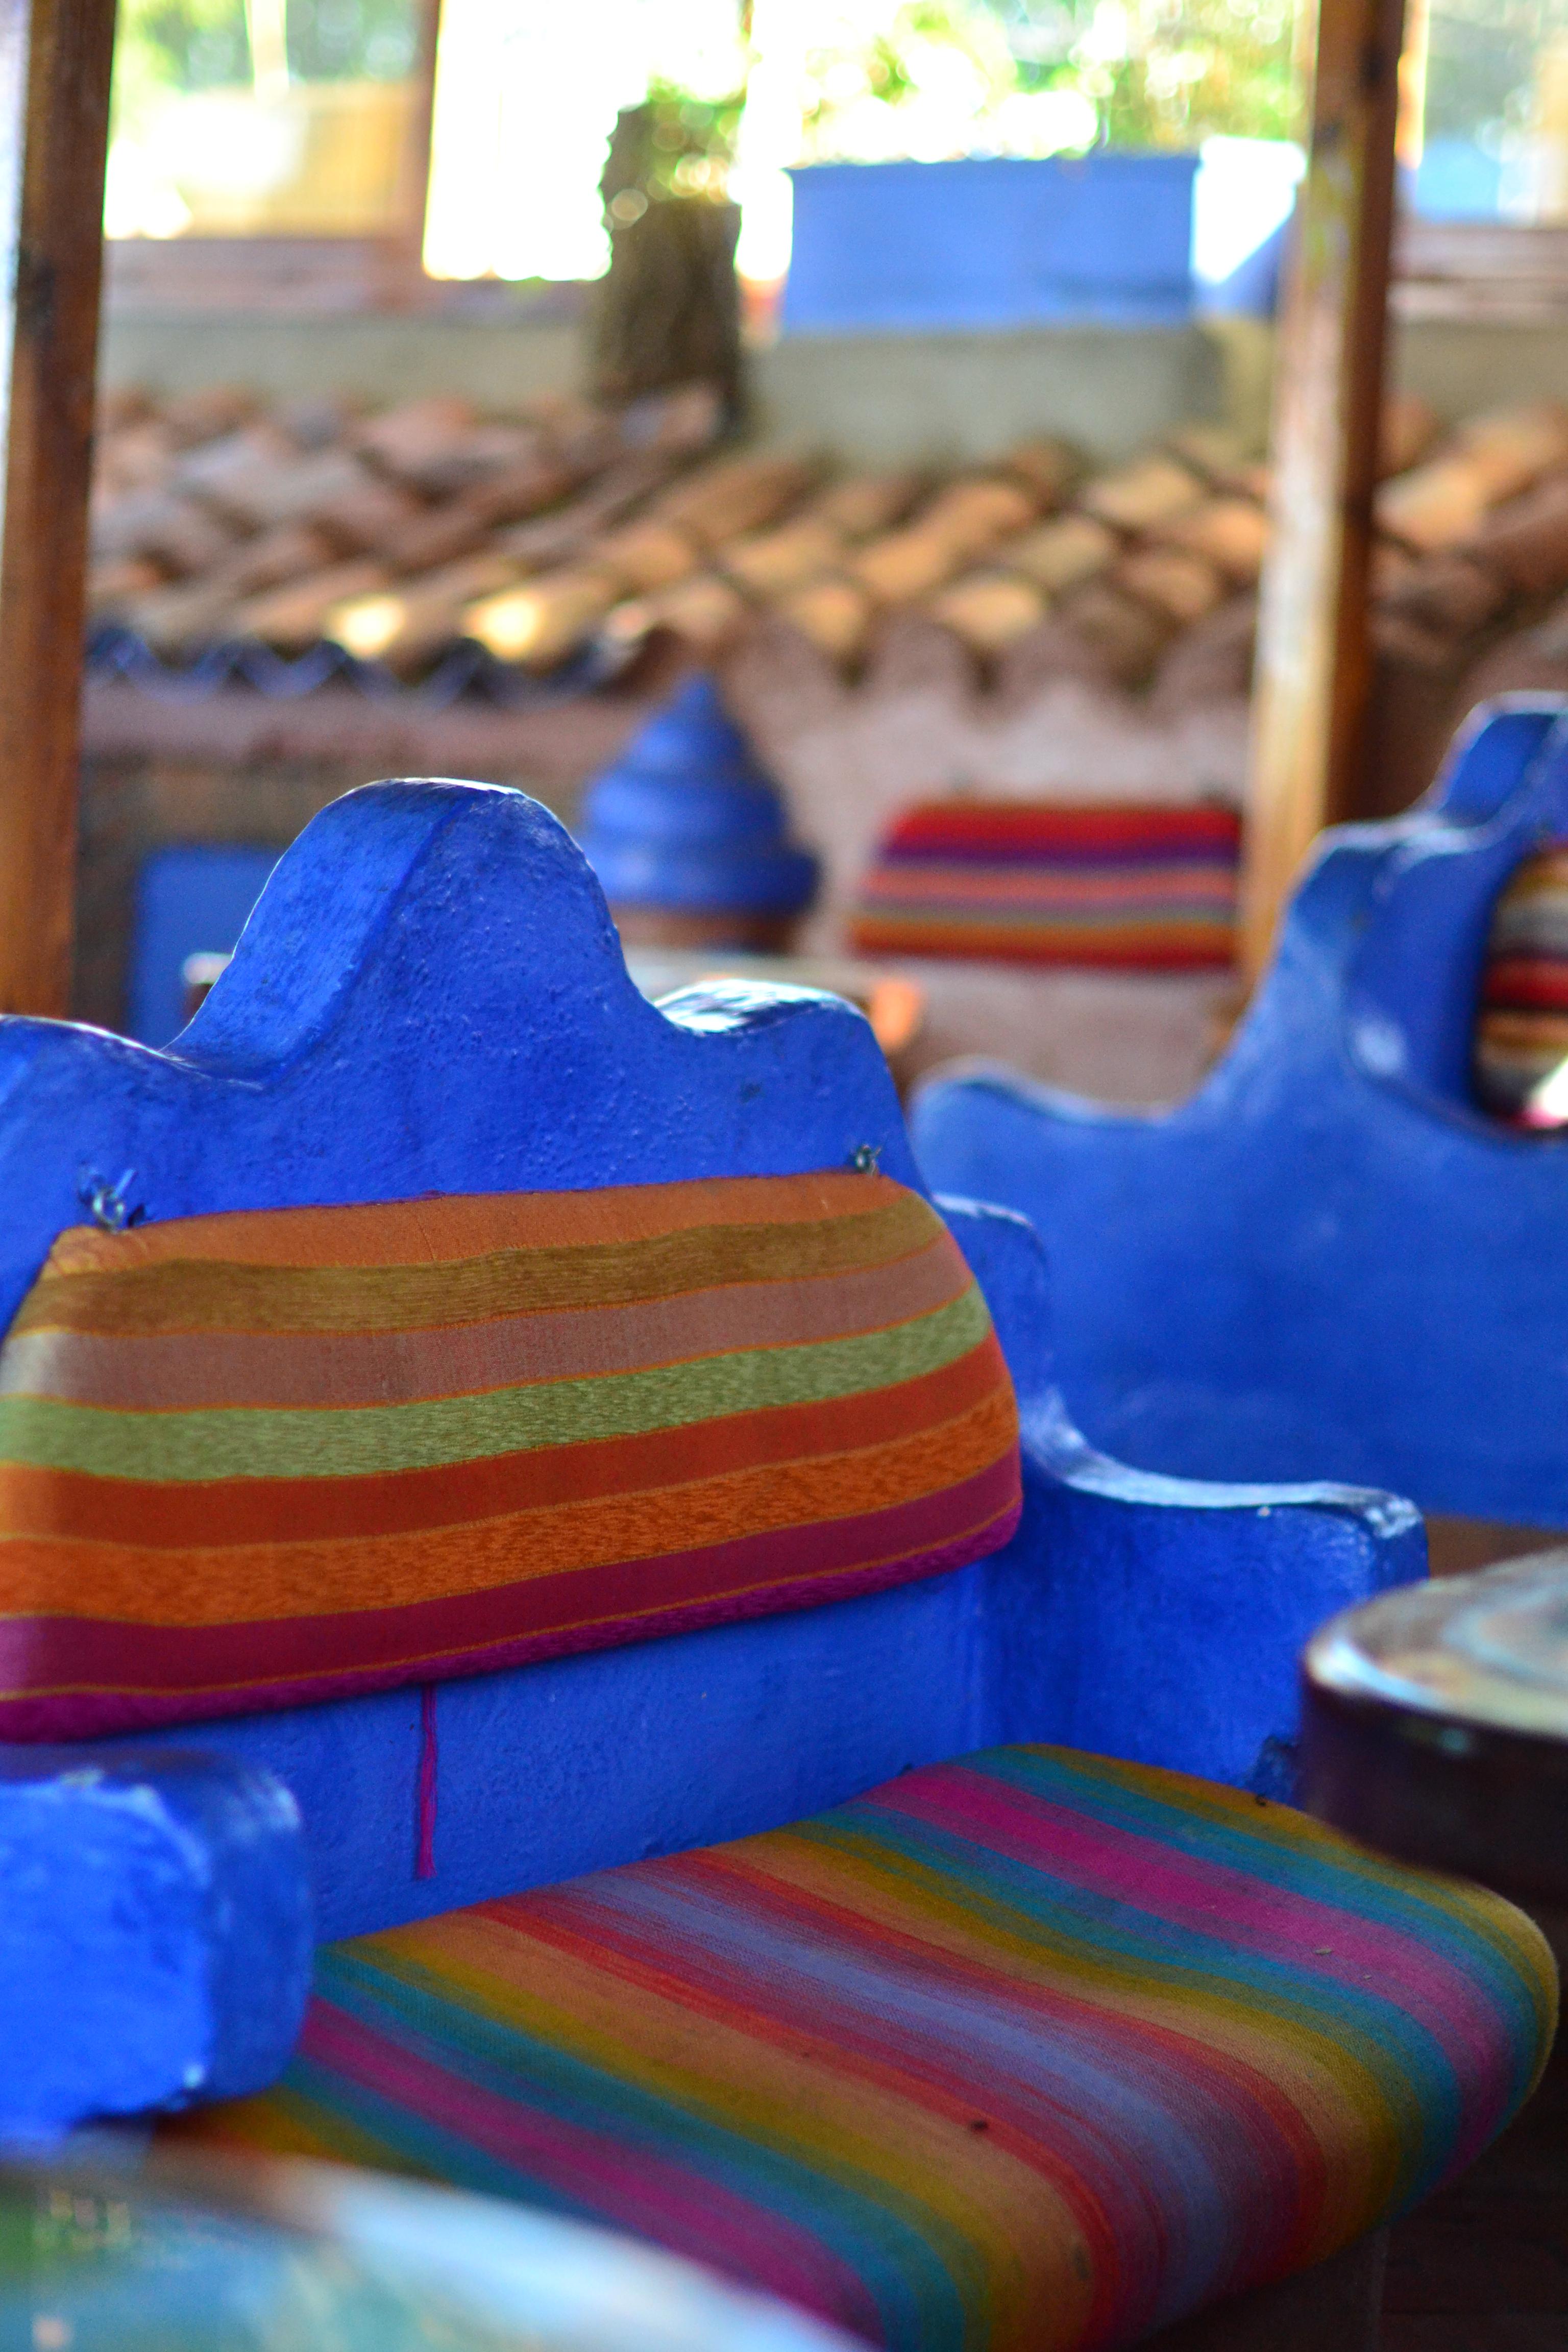 Chefchaouen, Morocco, Summer '16